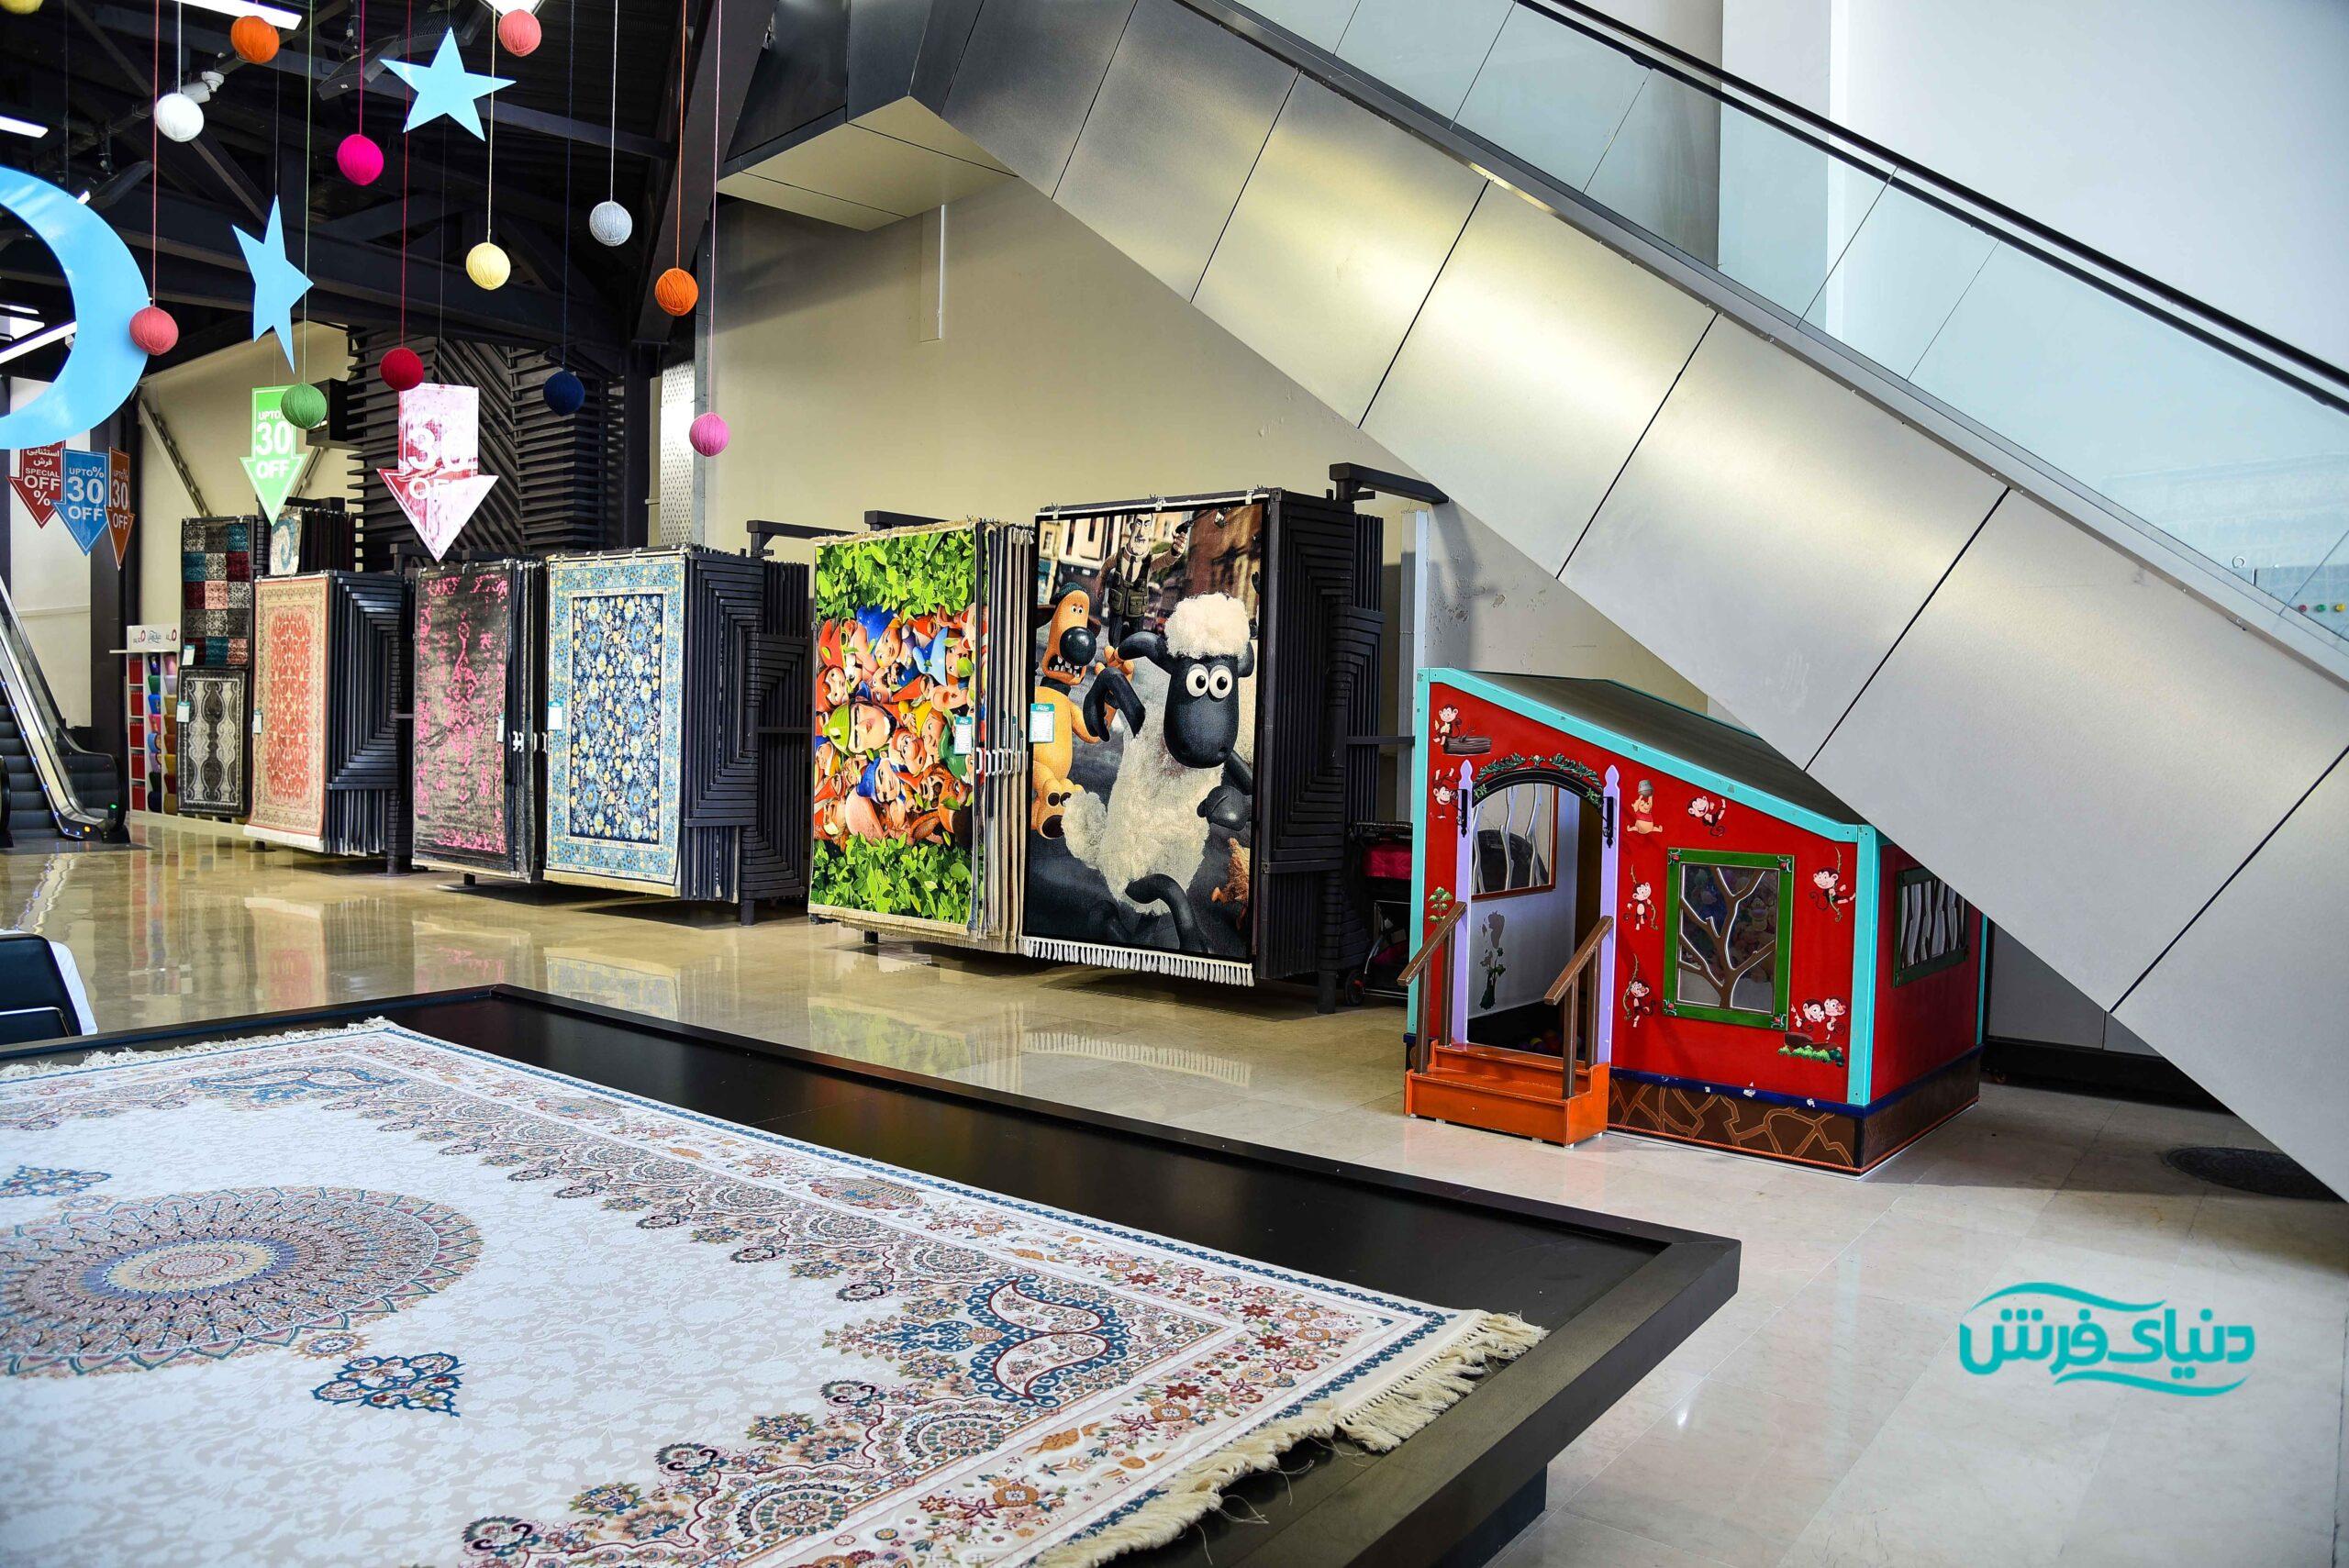 جشنواره دنیای فرش/دنیای فرش/ فرش ماشینی/فرش/ فرش دستبافت/ تابلو فرش/ همگام نت/ خرید اینترنتی فرش/ فرش اینترنتی/ دنیای فرش جاجرود